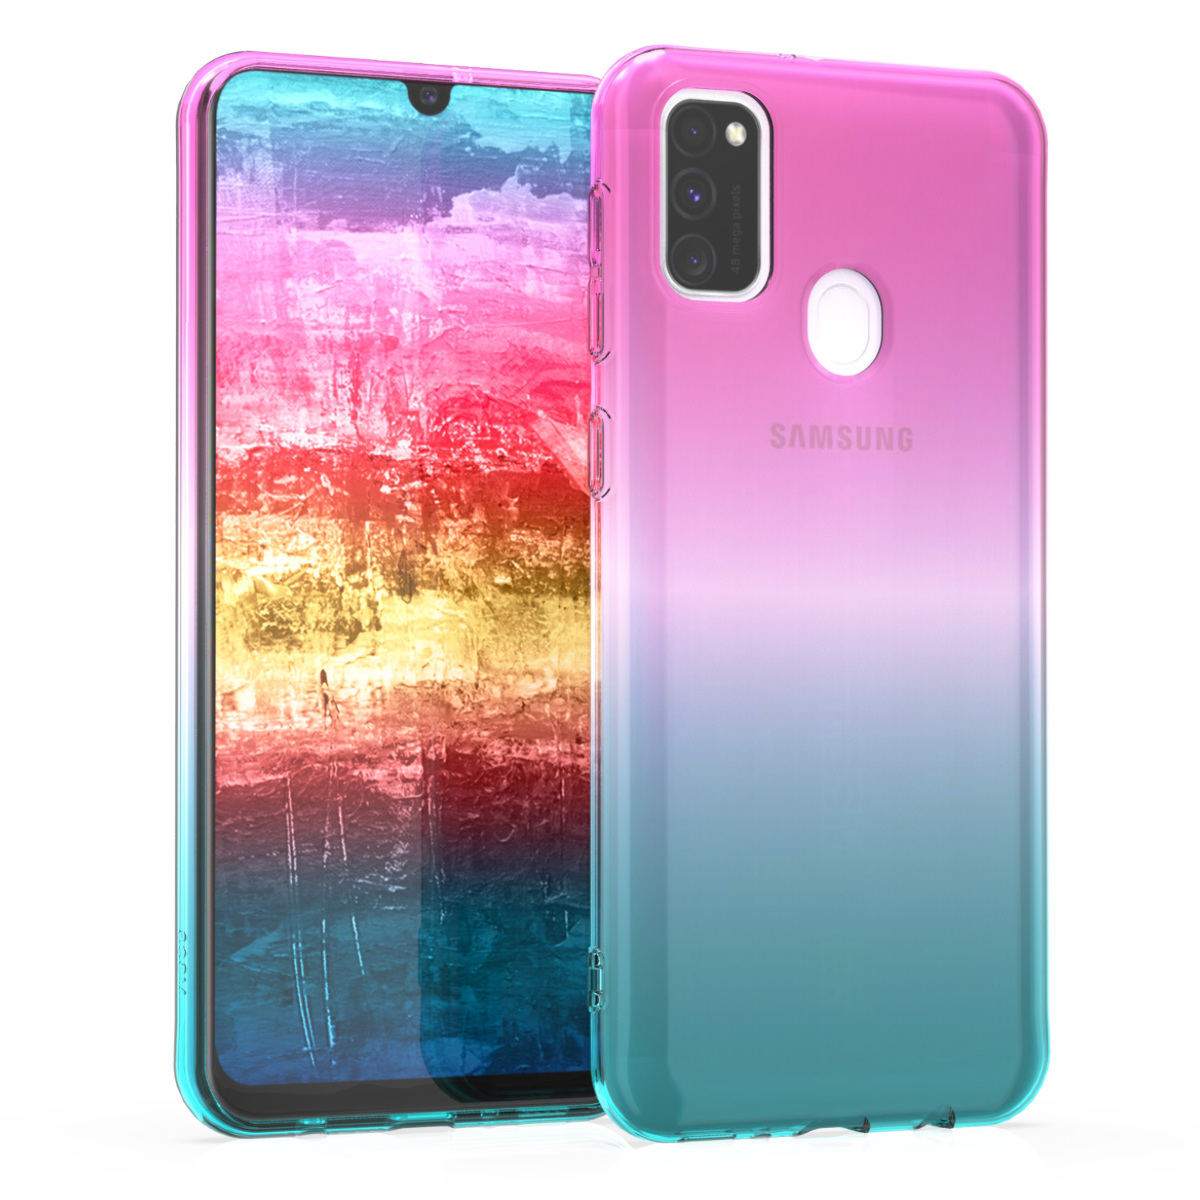 Kvalitní silikonové TPU pouzdro pro Samsung M30s - Bicolor tmavě růžová / modré / průhledná